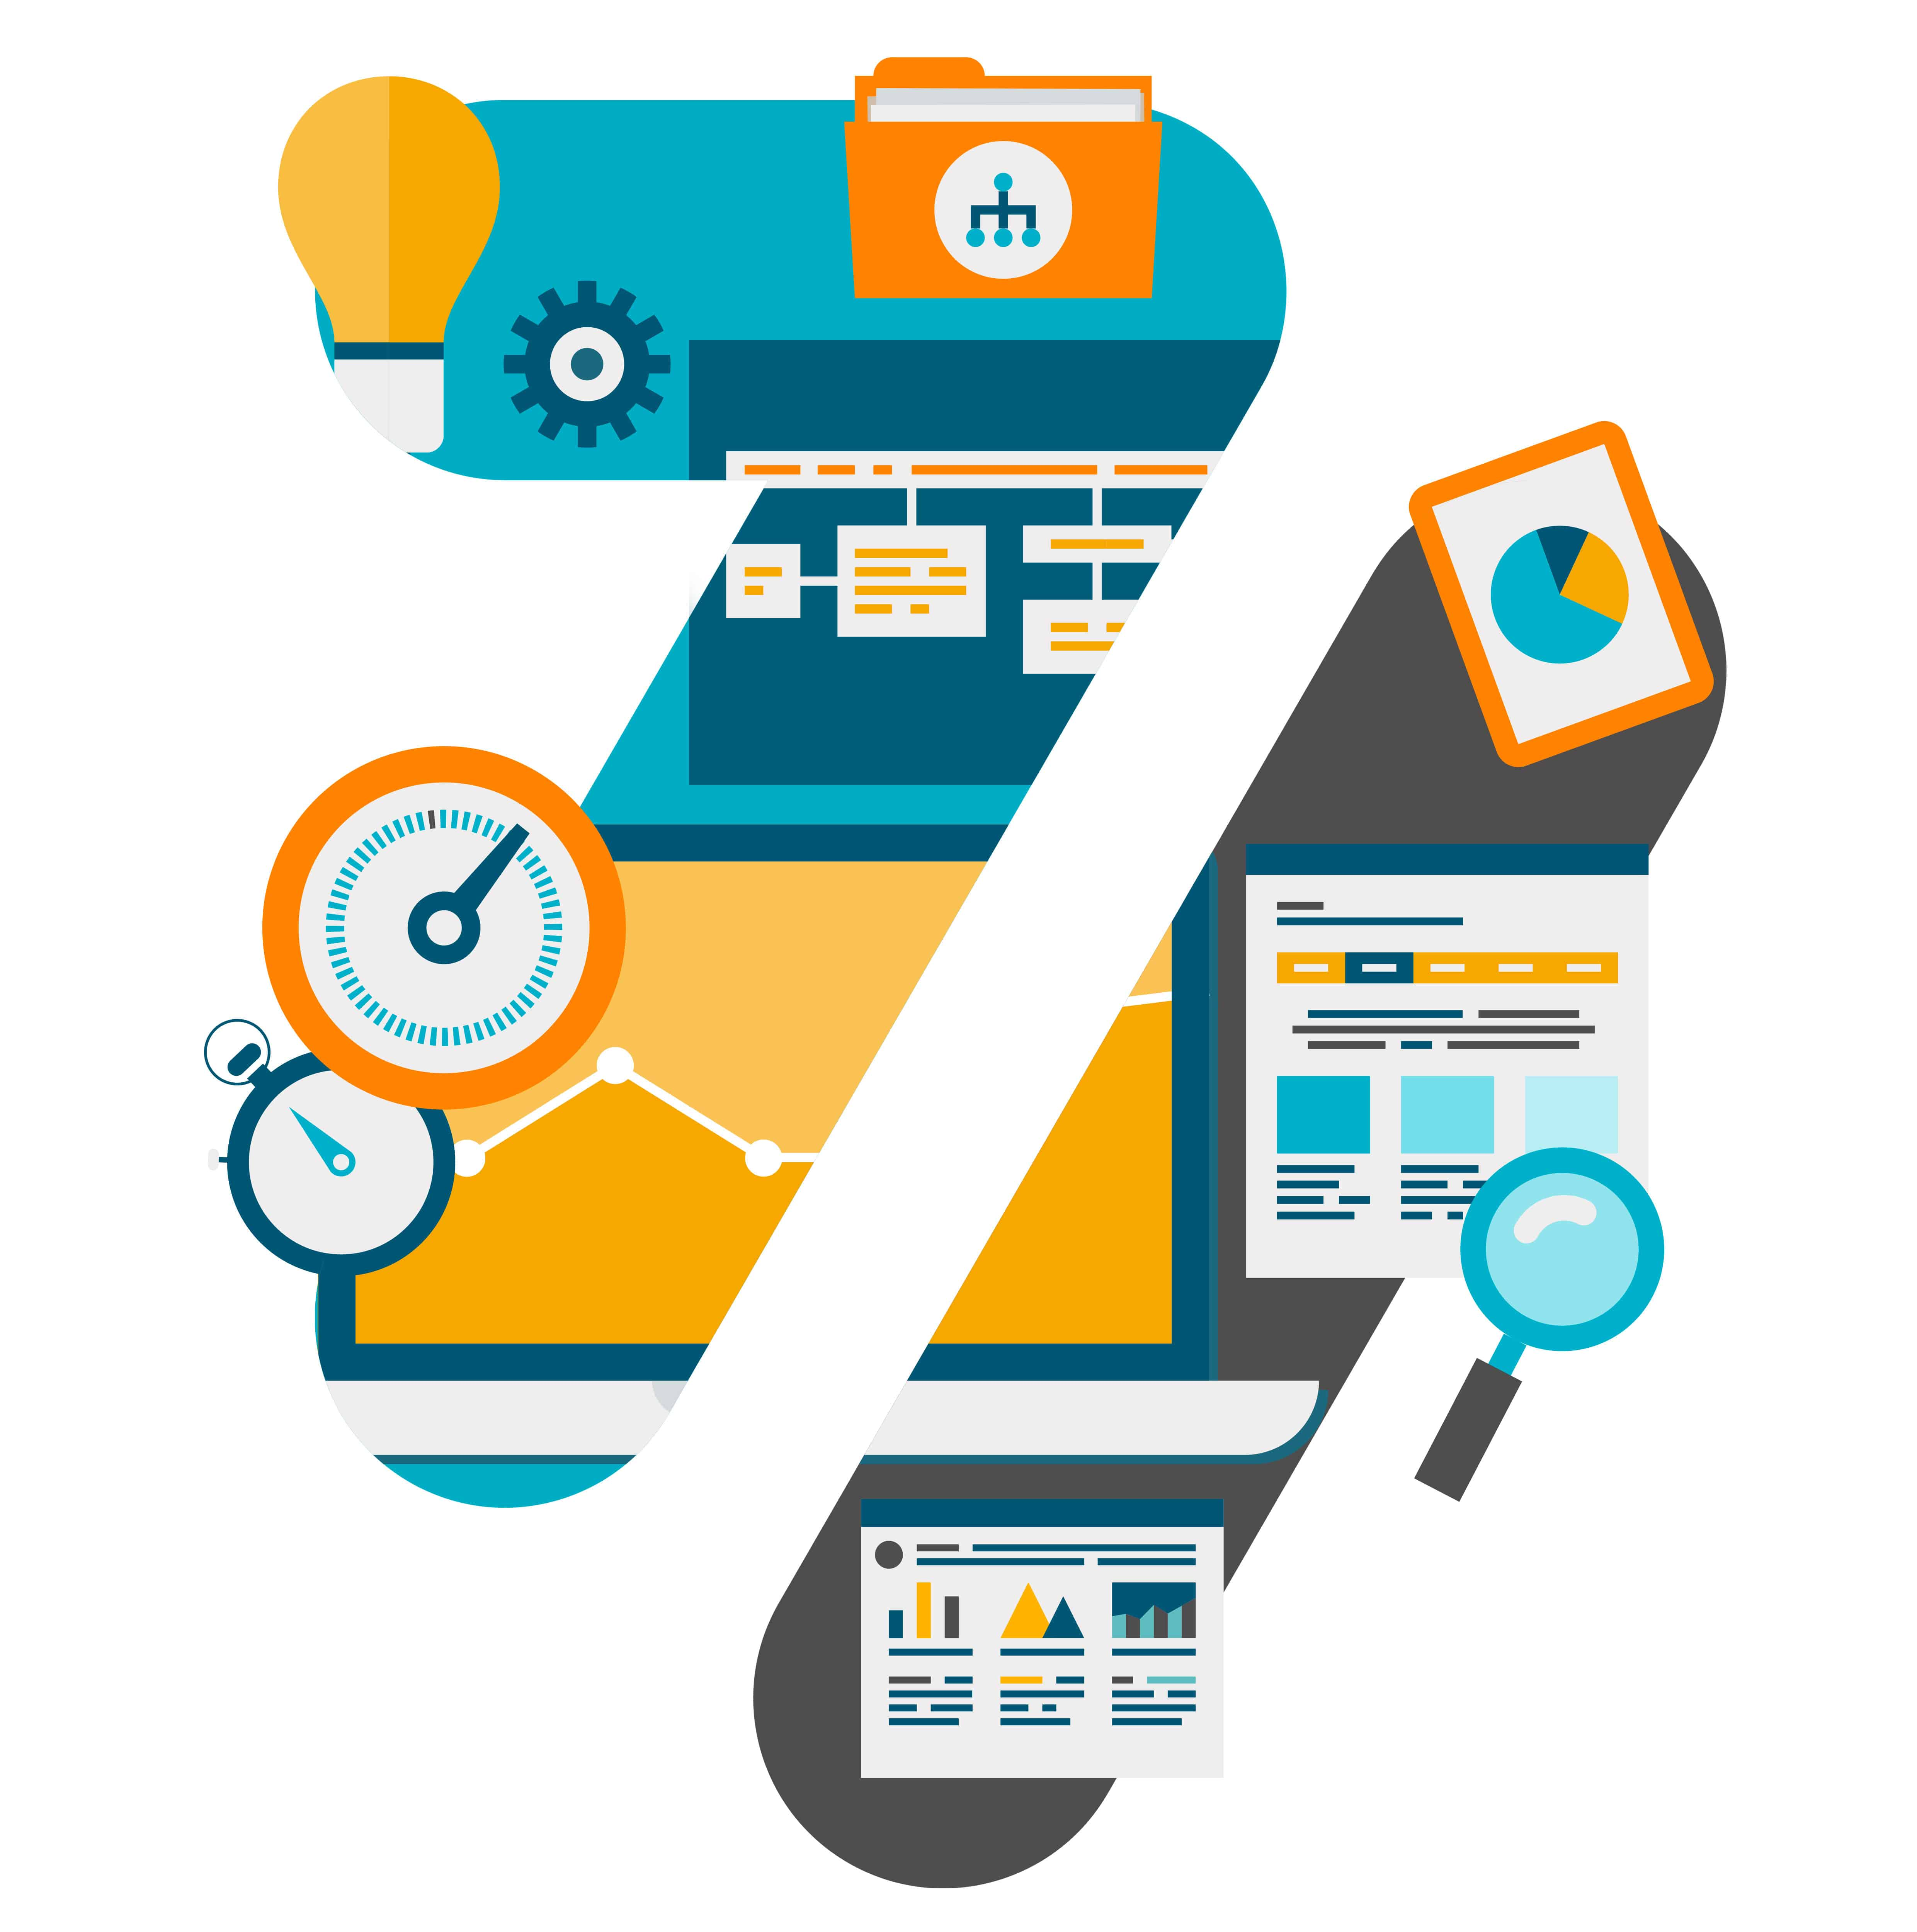 L'agence 71 propose un service de monitoring de votre site web